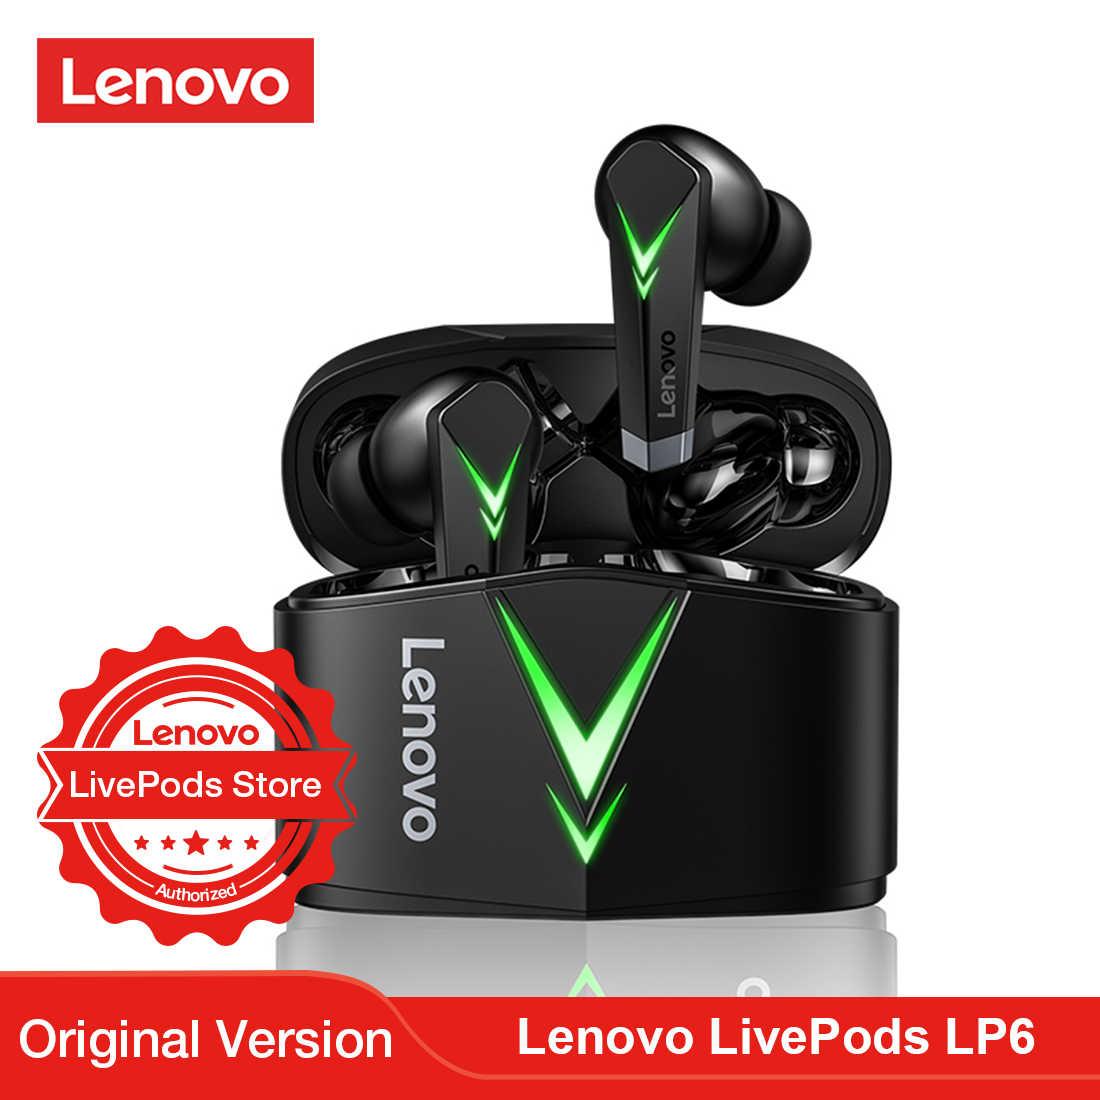 Lenovo LivePods LP6 TWS oyun Bluetooth kulaklık düşük gecikme kablosuz  kulaklık Mic ile 3D Stereo bas gerçek kablosuz kulaklıklar Bluetooth  Earphones & Headphones